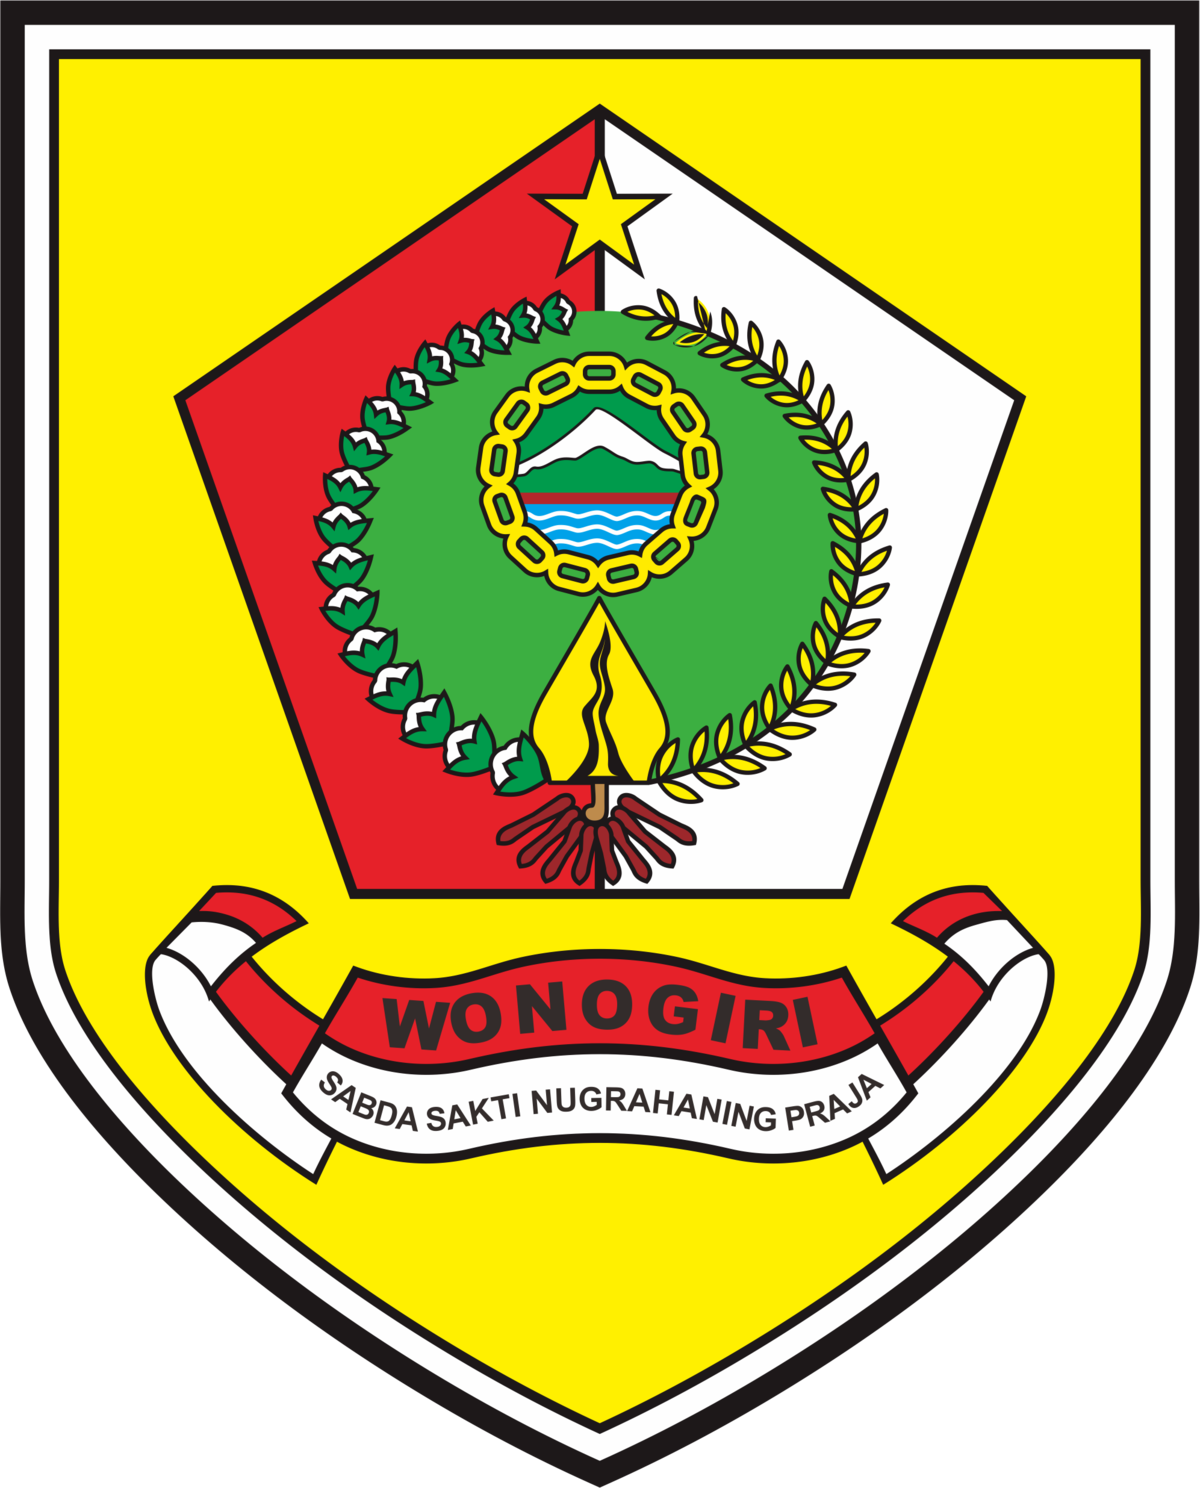 Kabupaten Wonogiri Wikipedia Bahasa Indonesia Ensiklopedia Bebas Museum Wayang Kulit